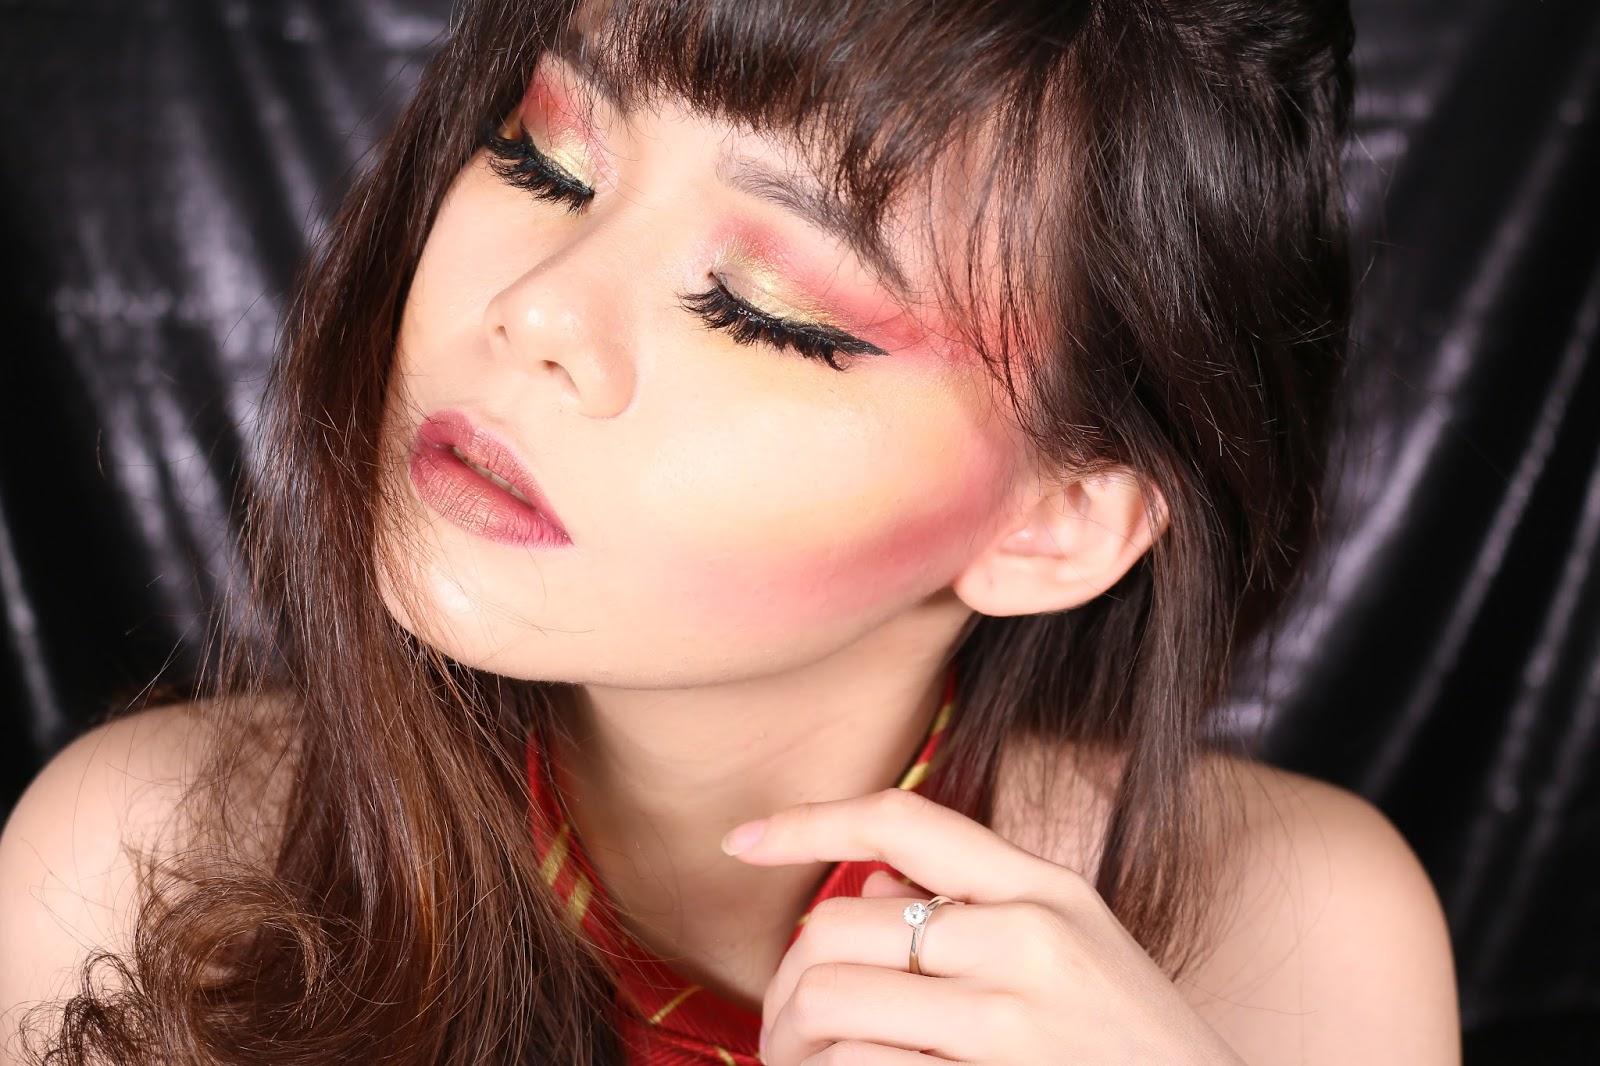 tutorial, makeup tutorial, makeup indonesia, makeup harry potter, gryffindor makeup, harry potter, potterhead, makeup halloween, halloween makeup, fire makeup, red makeup, sexy makeup